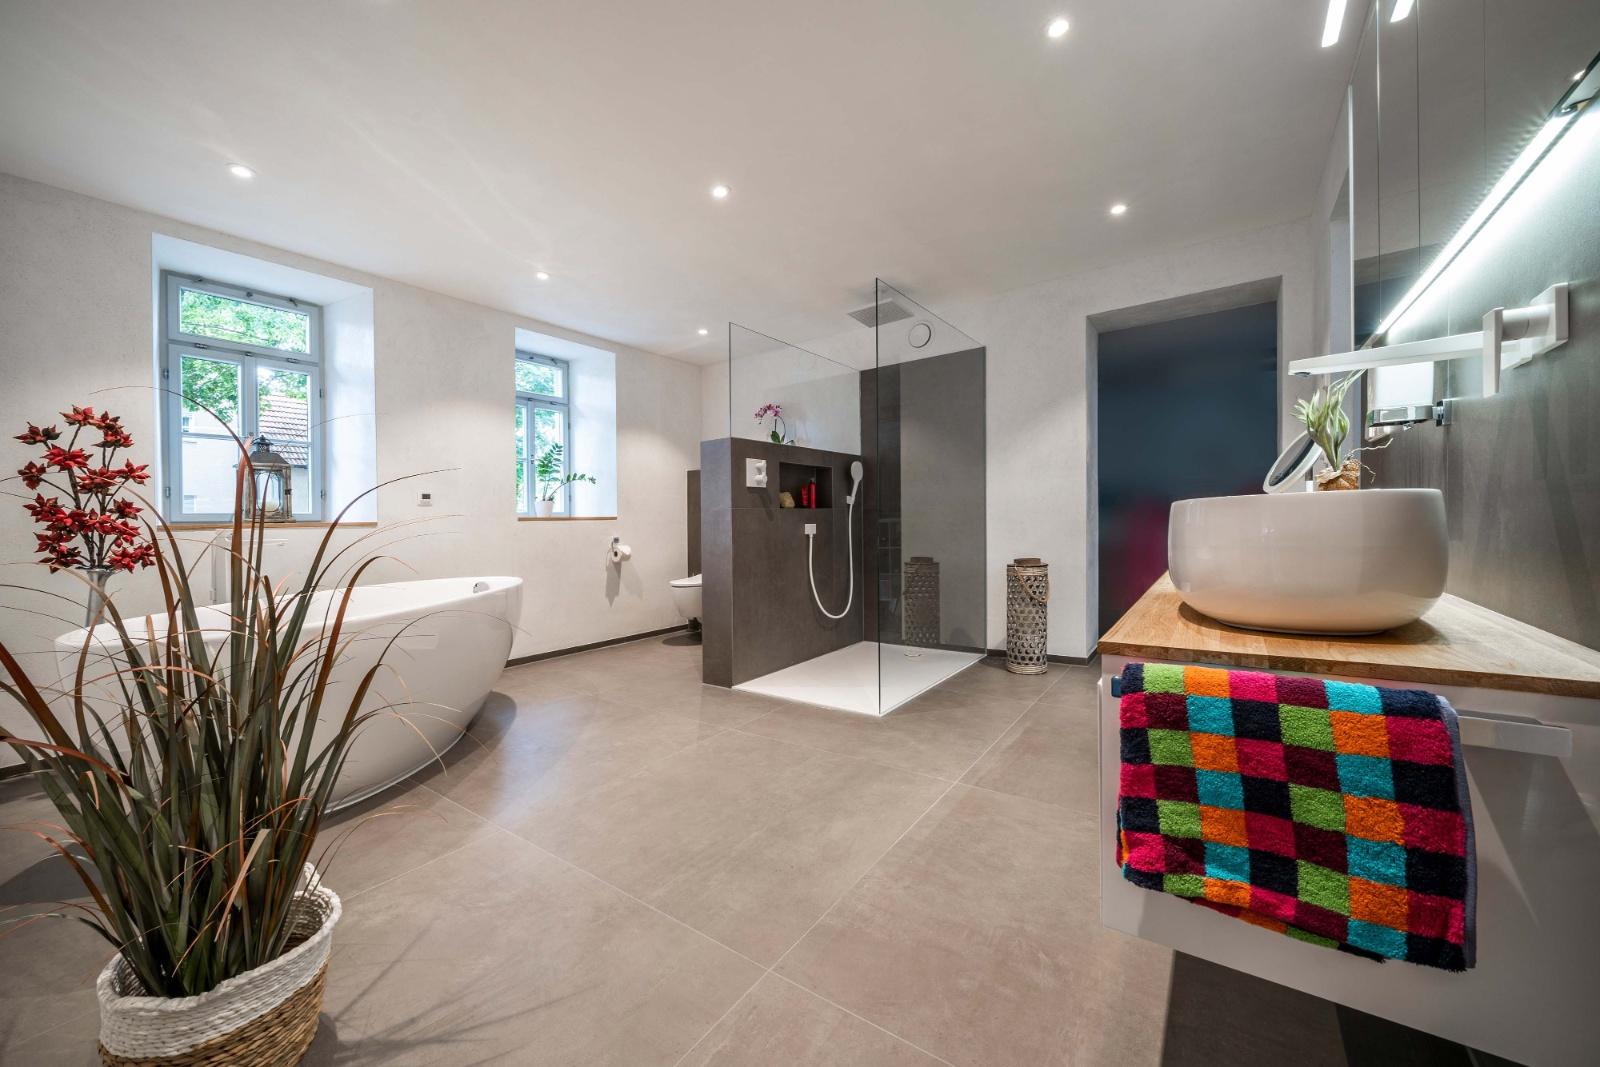 Badsanierung mit großflächigen Fliesen, Kalkputz, freistehender Badewanne, Urinal, spülrandloses WC und großer Duschfläche -3